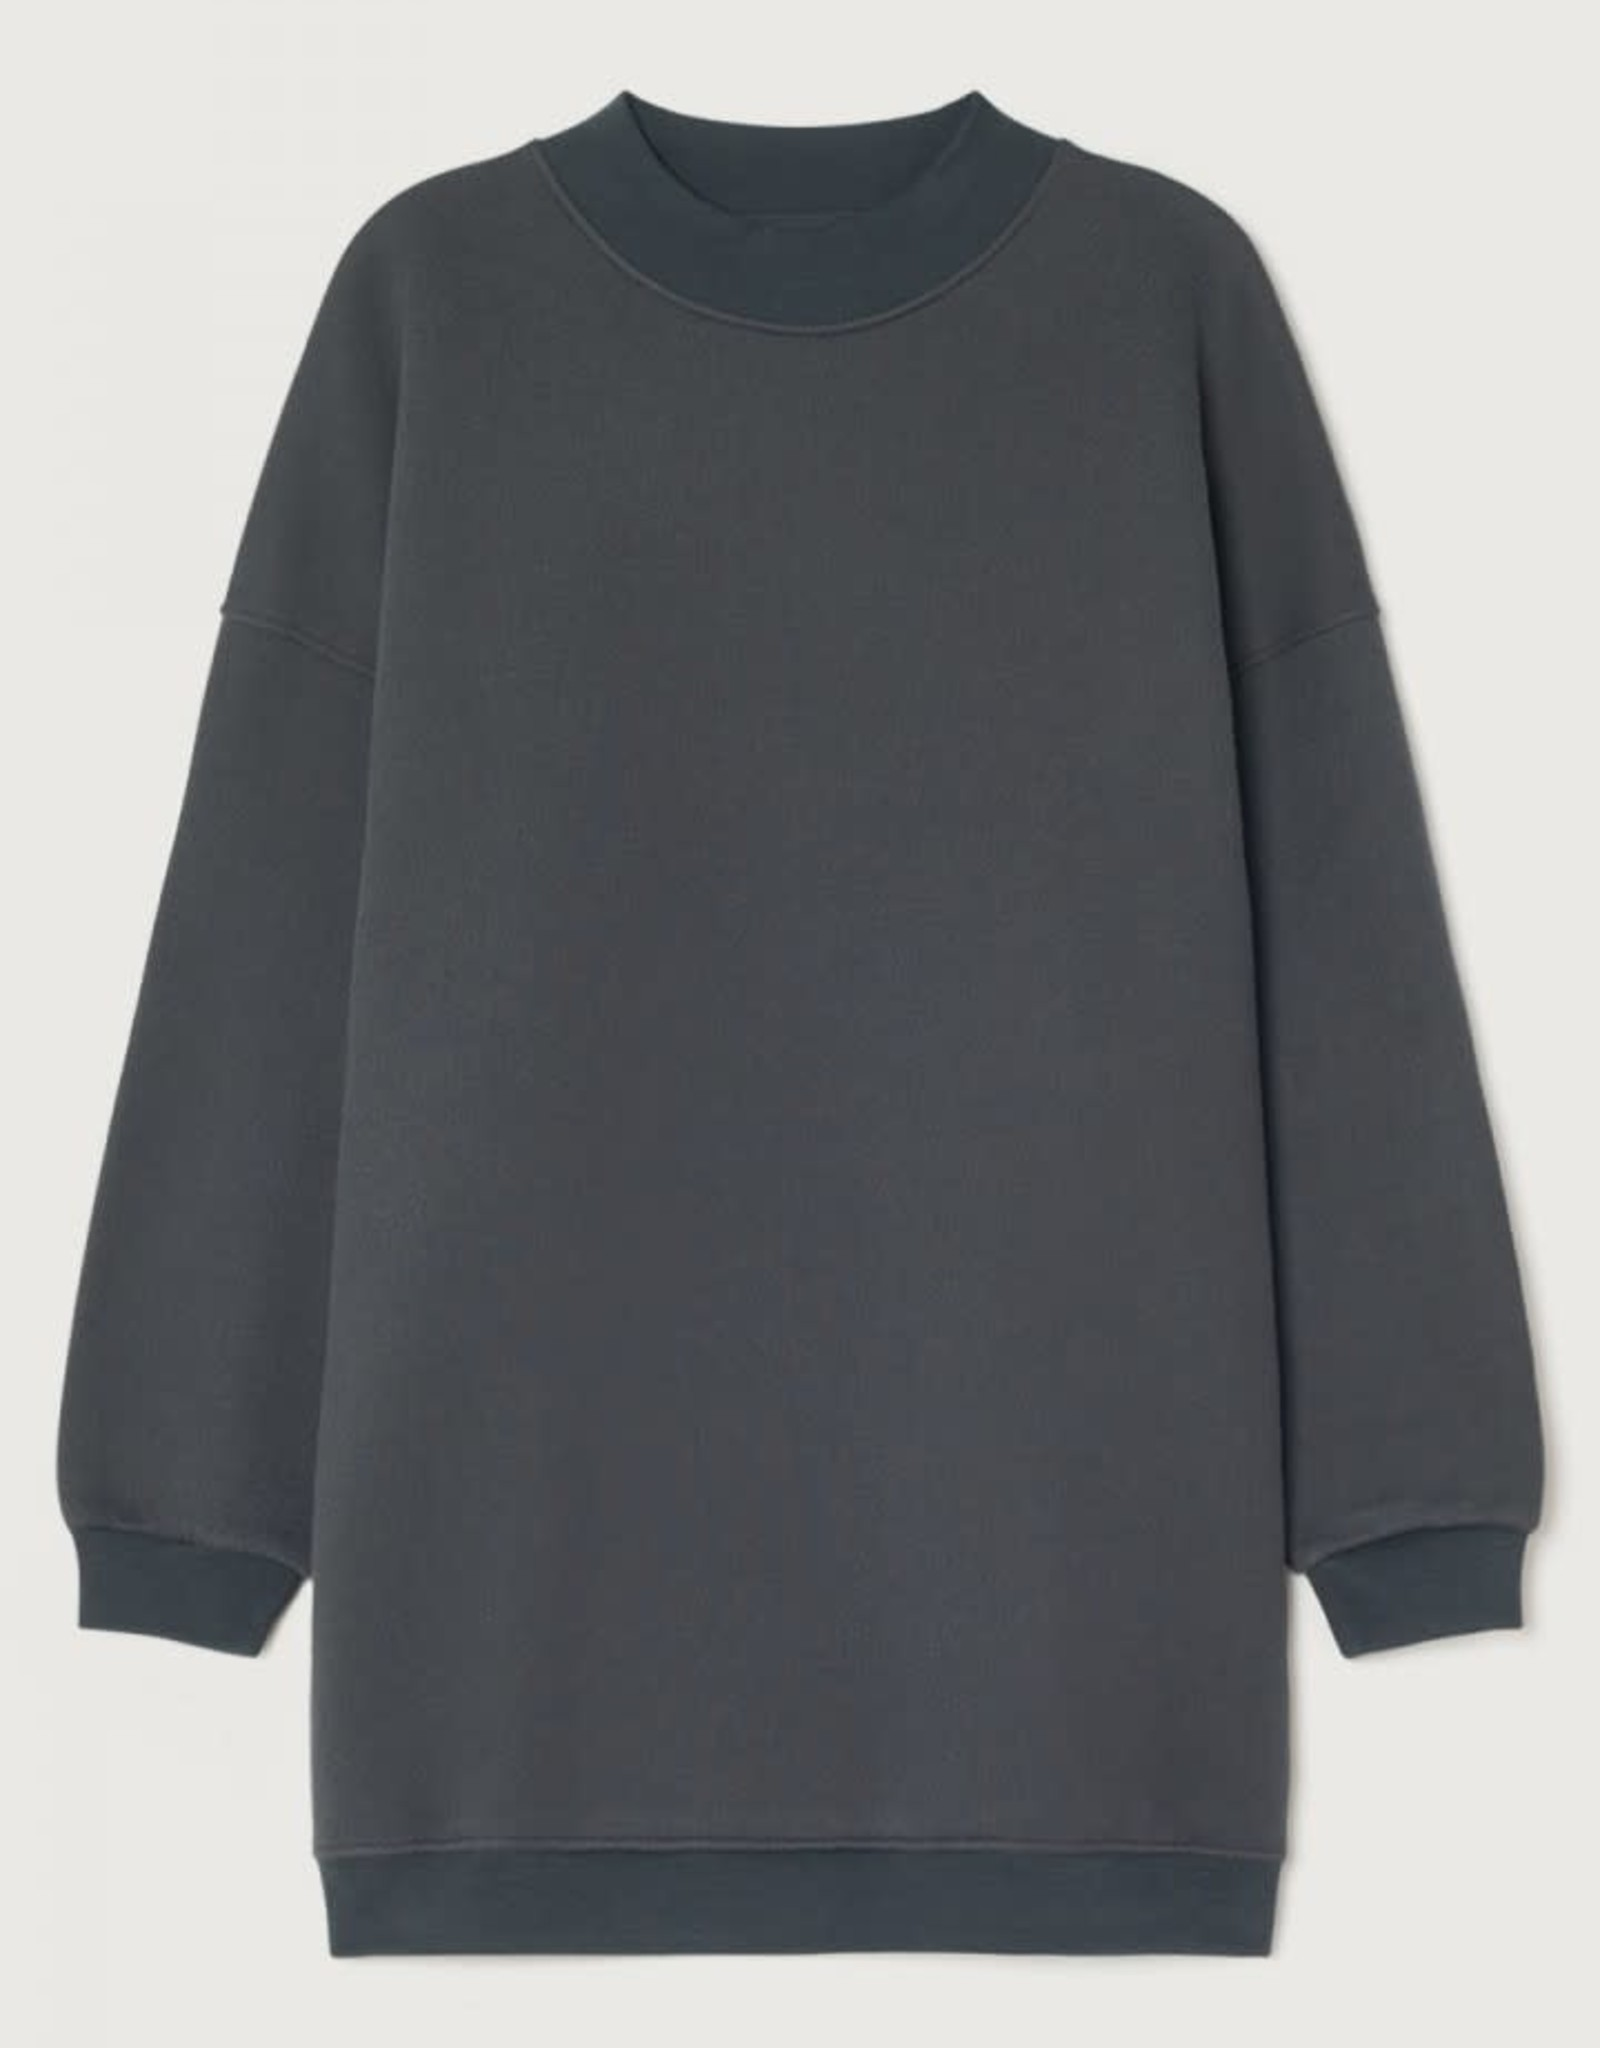 American Vintage Damessweater 'Ikatown' - Orage - American Vintage